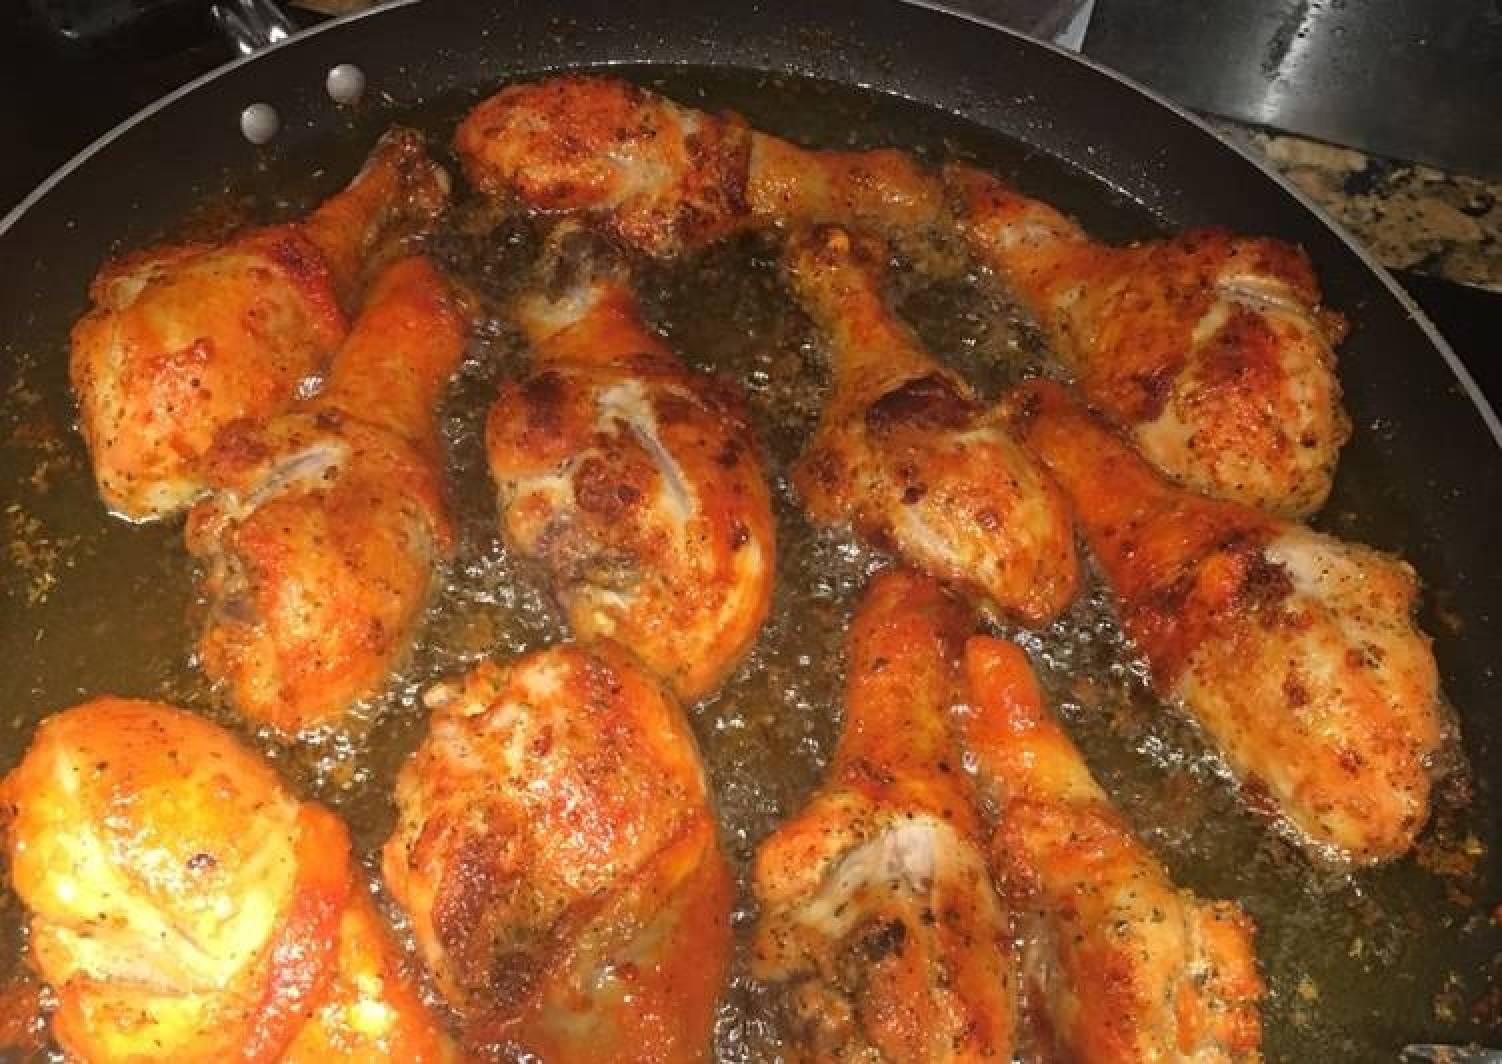 Icky Sticky Fried Chicken